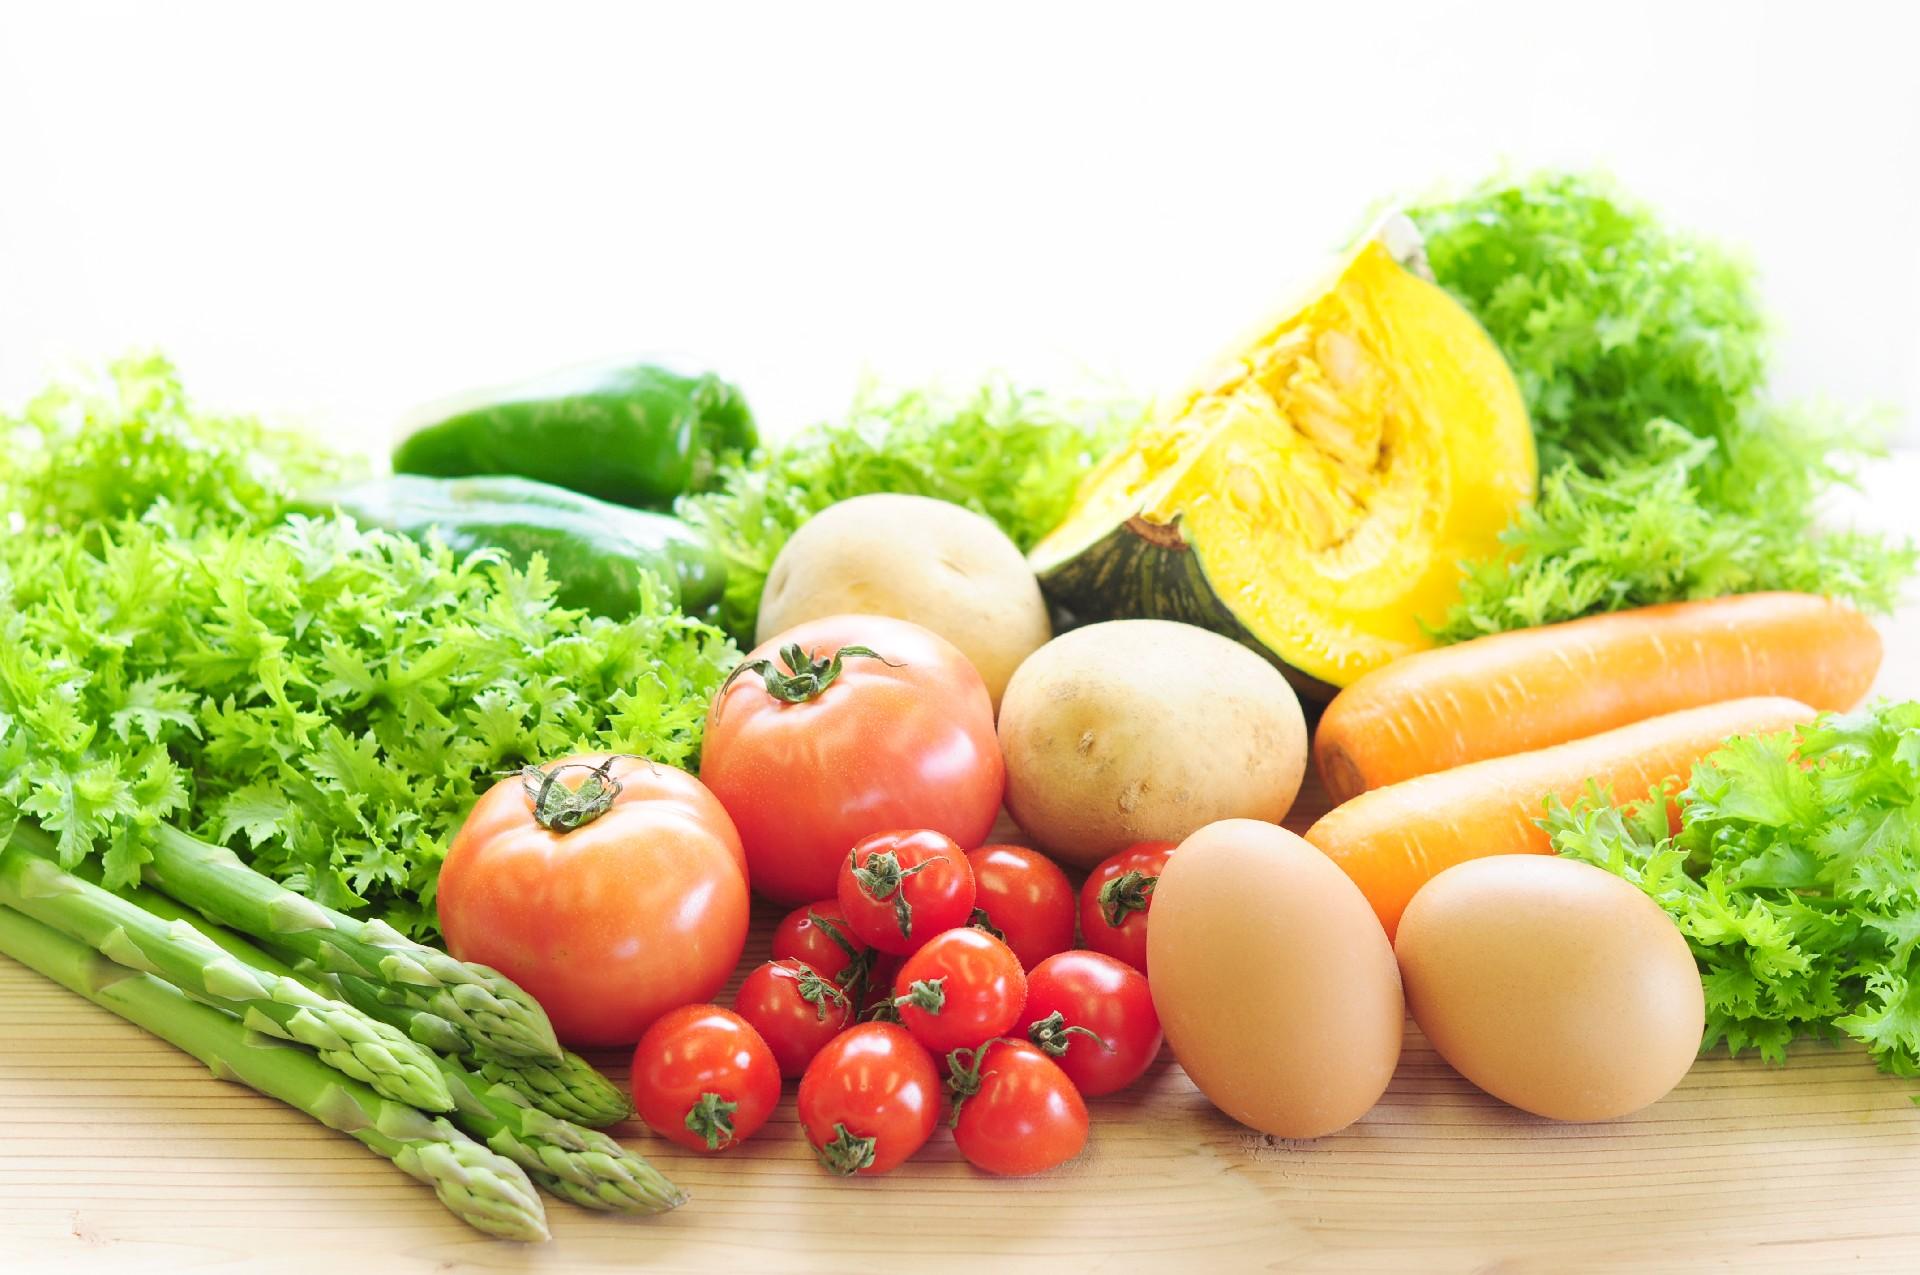 ビタミンC豊富!「ローズヒップ」の美肌スイーツレシピ